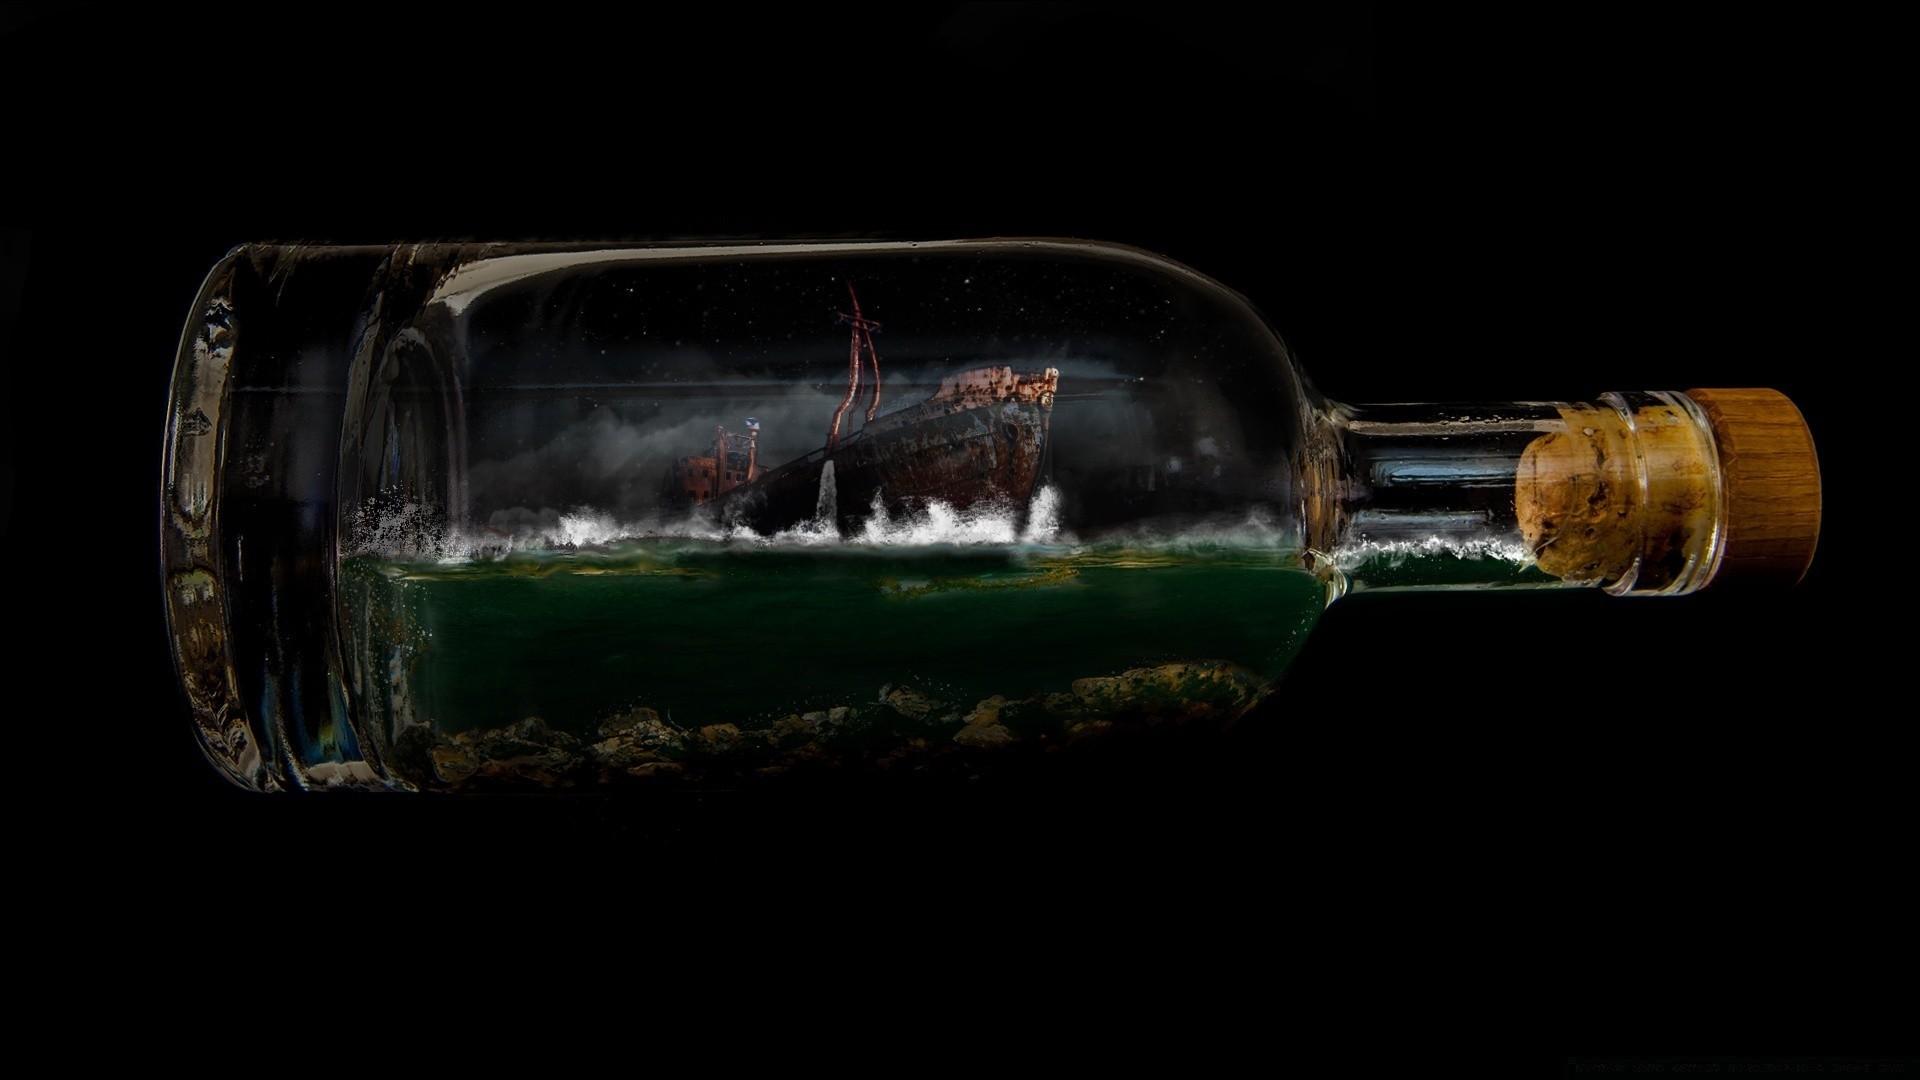 Ship In A Bottle Wallpaper image hd